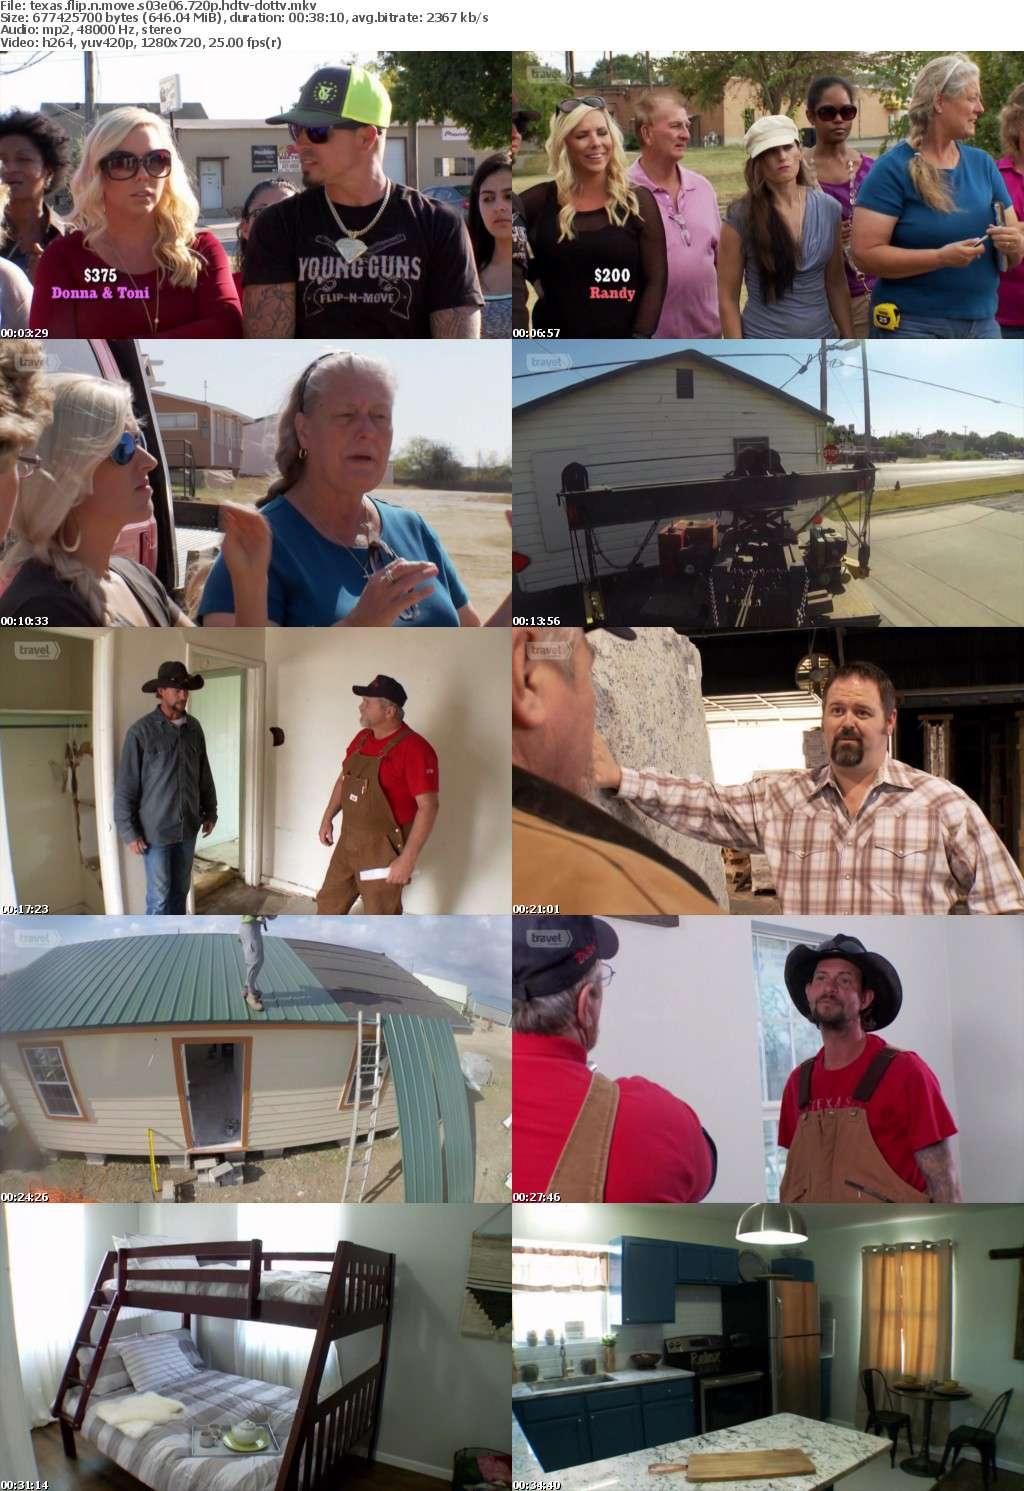 Texas Flip N Move S03E06 720p HDTV x264-dotTV